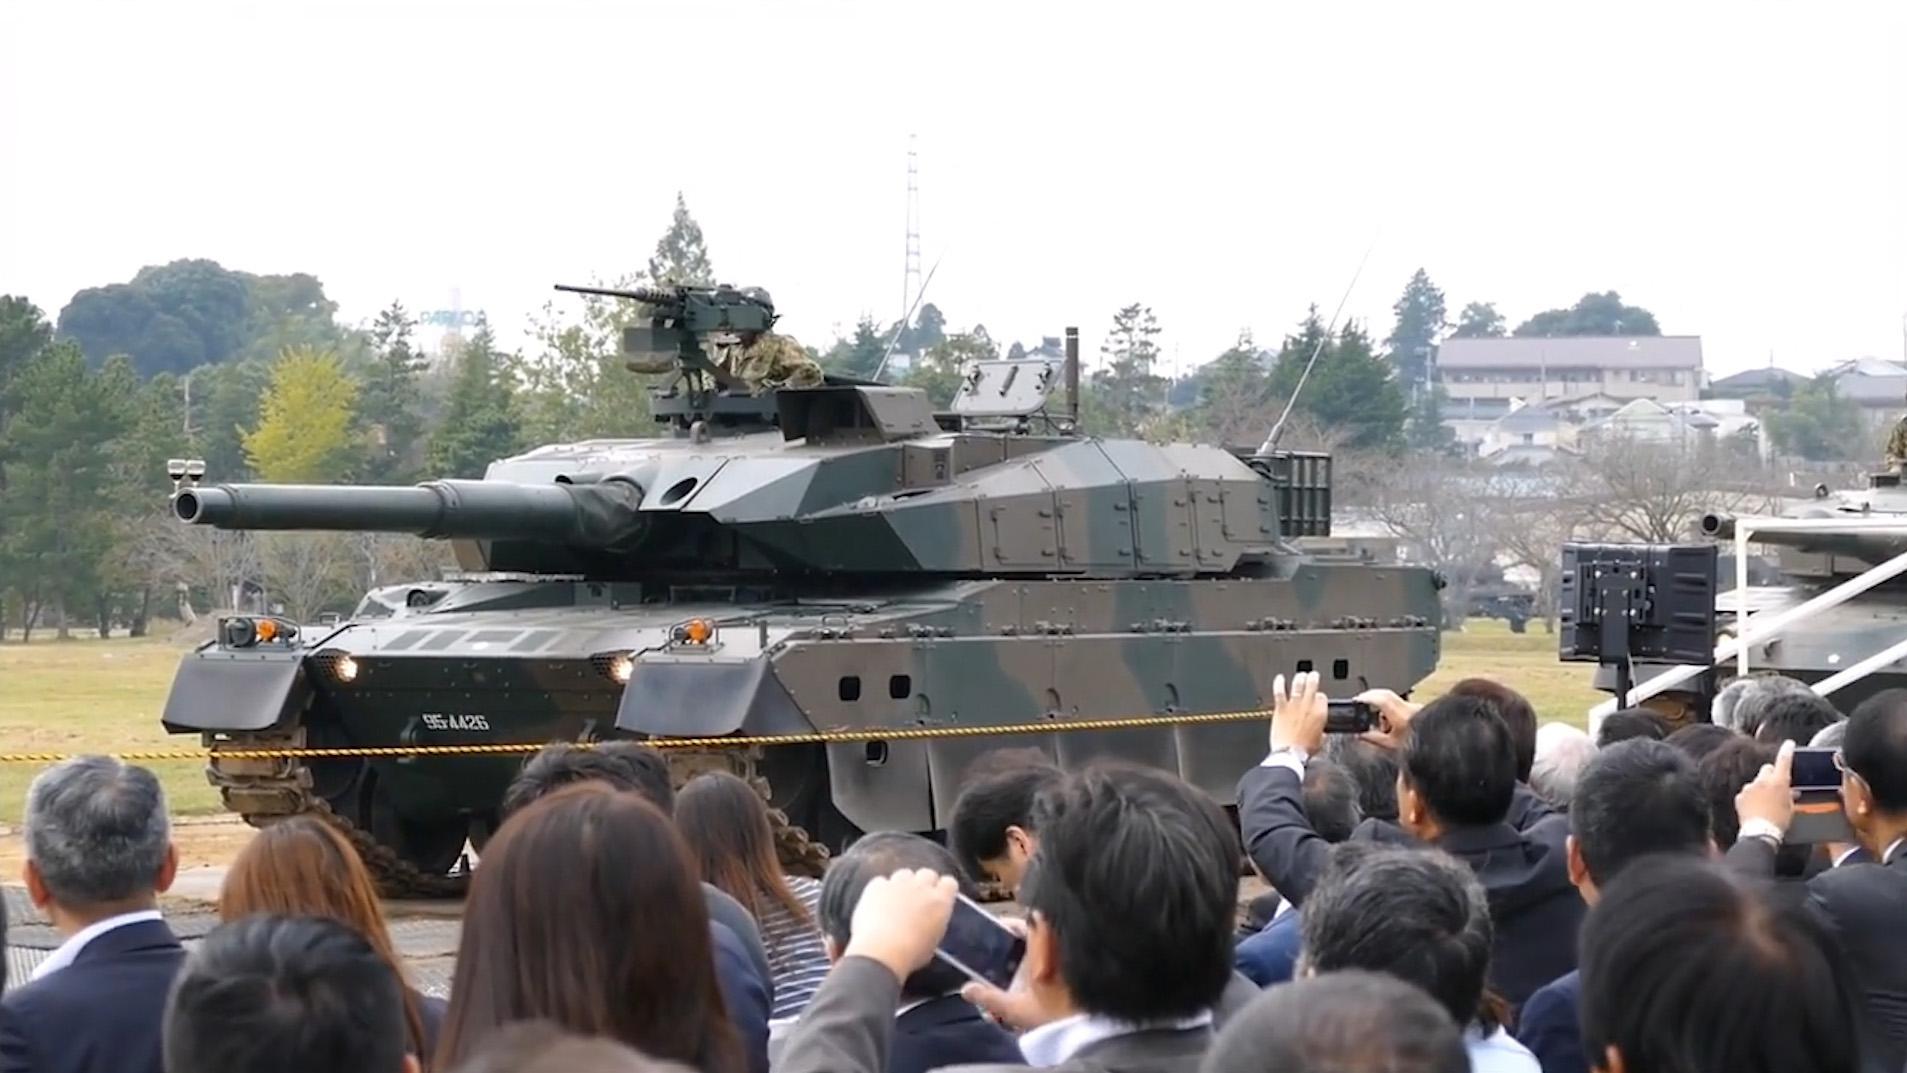 日本10式坦克秀性能,炮管上放两个杯子,随后展示悬挂系统!